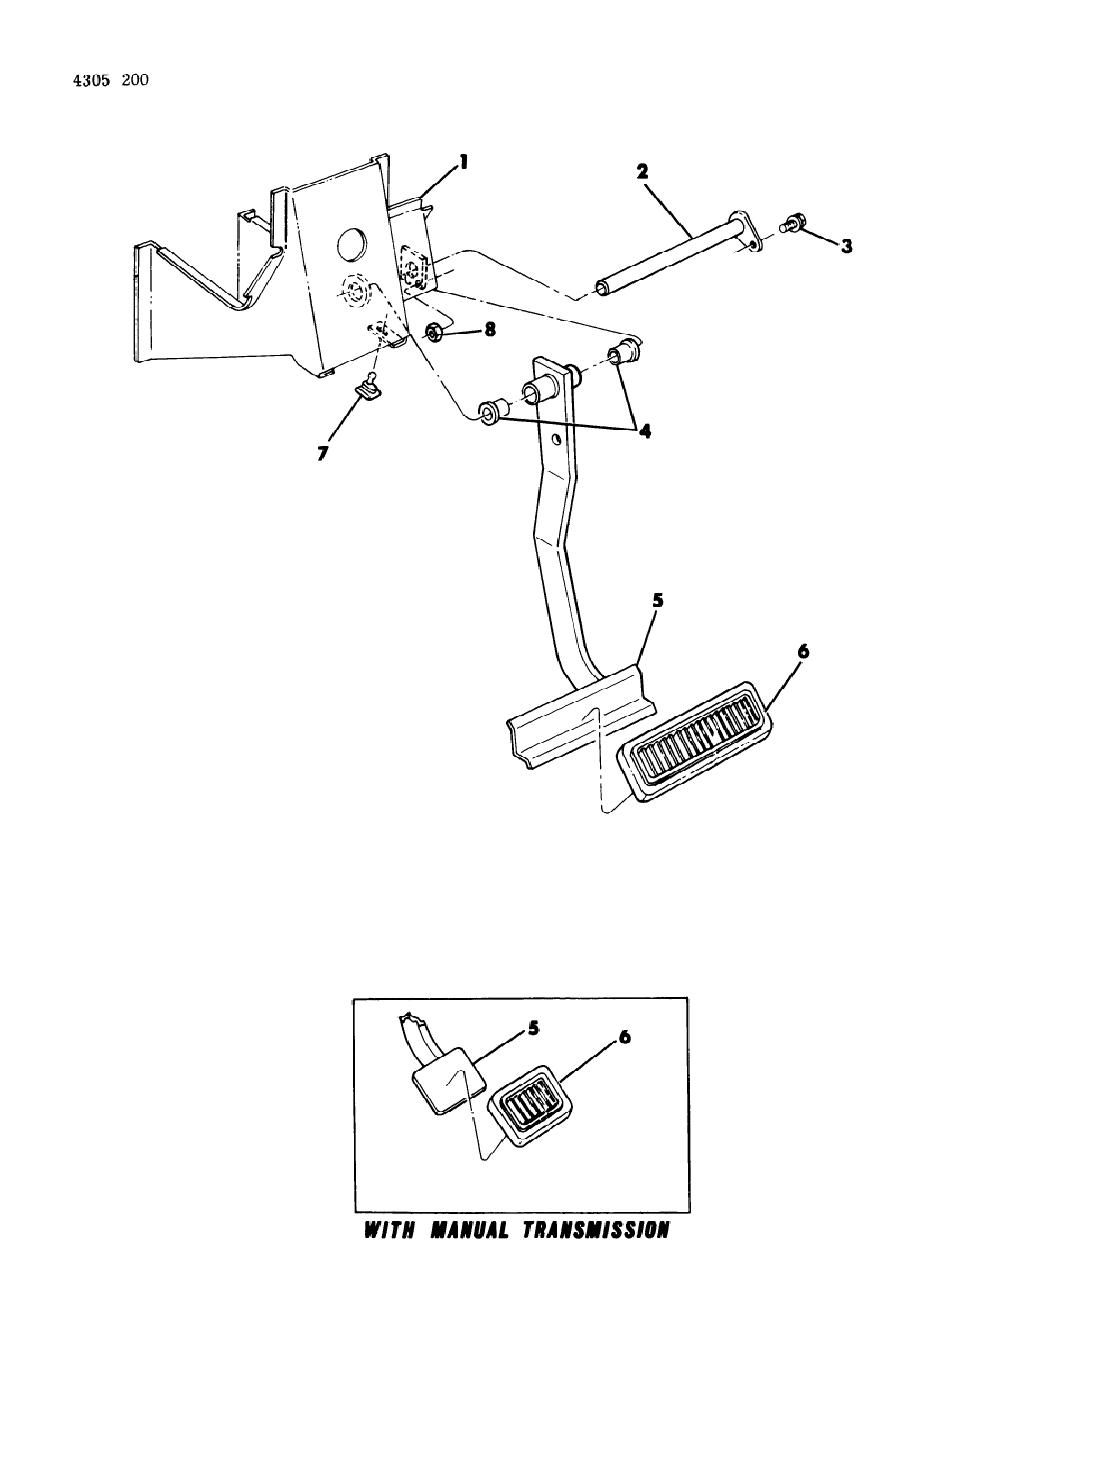 1984 dodge w150 brake pedal